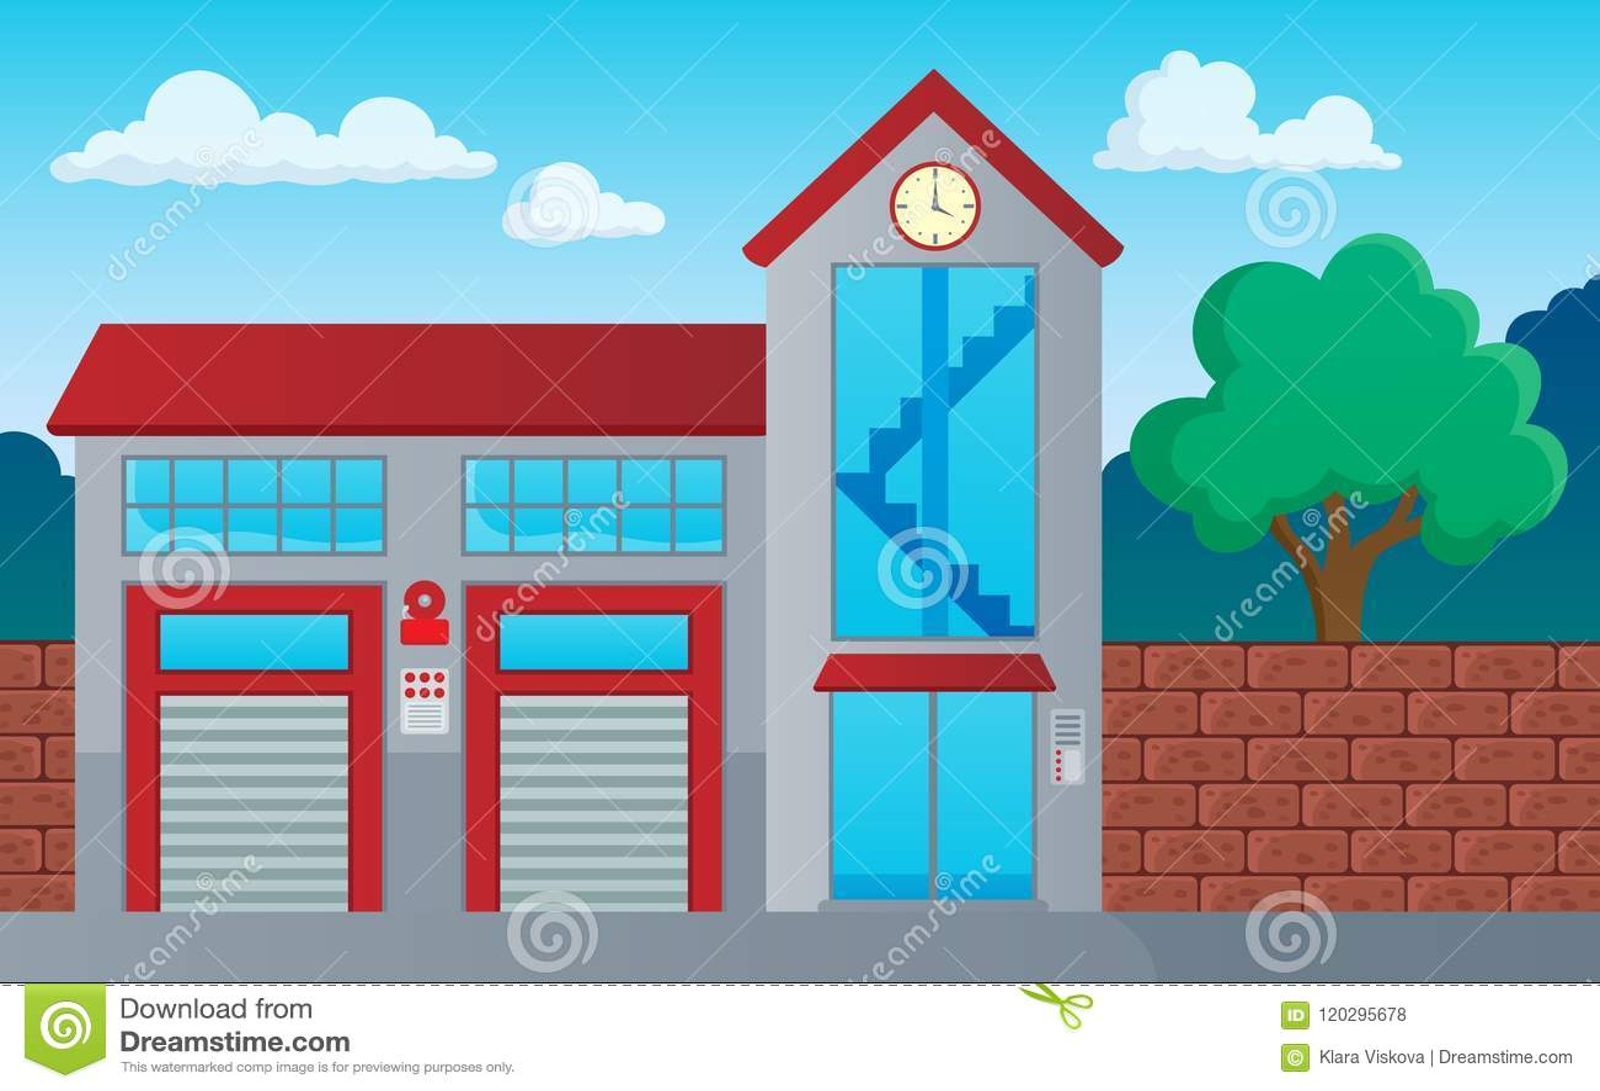 Image 1 de thème de bâtiment de corps de sapeurs-pompiers